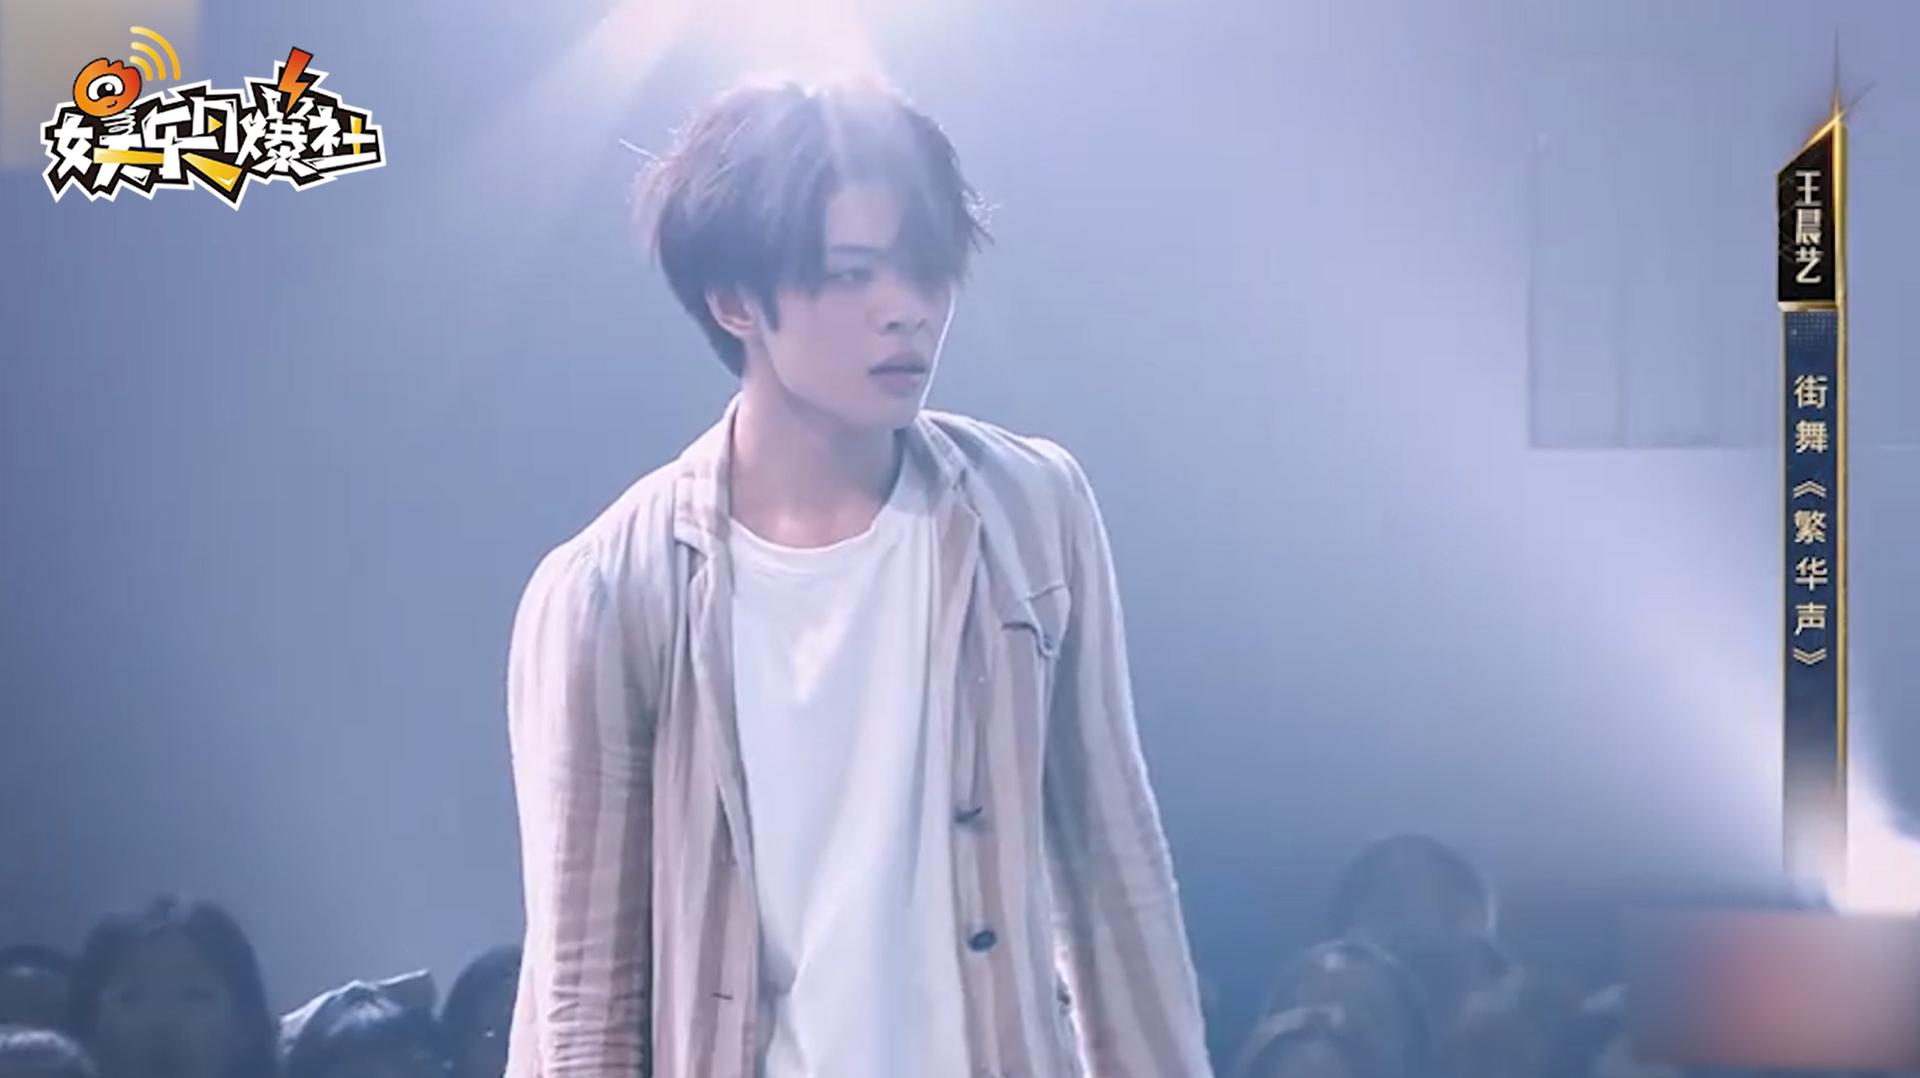 王晨藝:我需要舞臺去盡情跳舞 舞蹈是我的起點